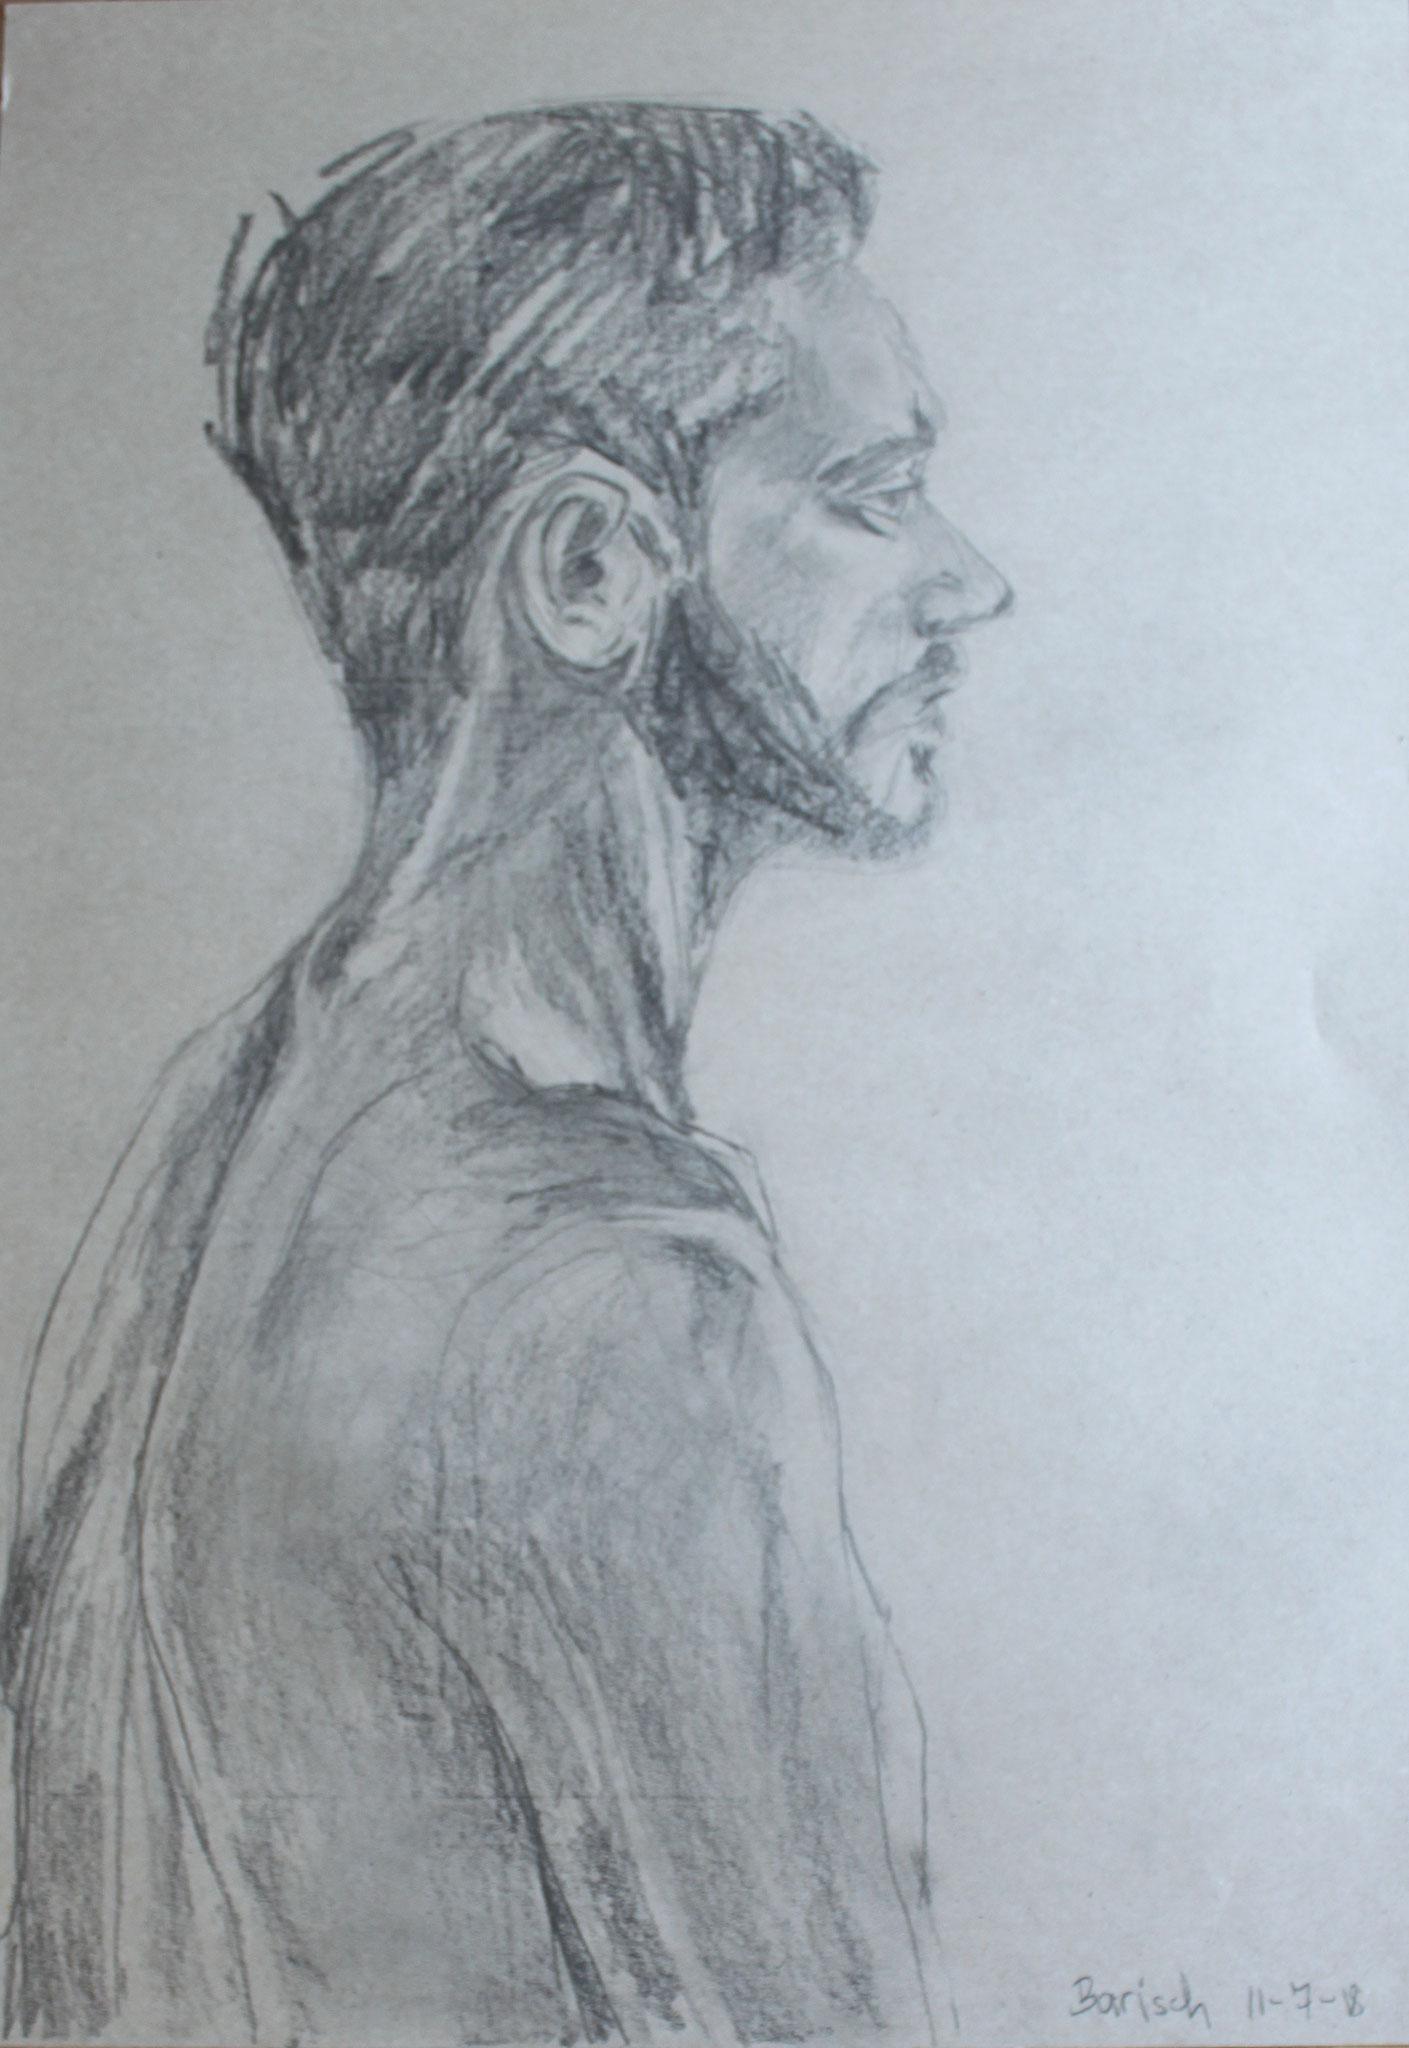 Barisch von hinten, Bleistift auf Papier, 2018, 60 cm x 42 cm